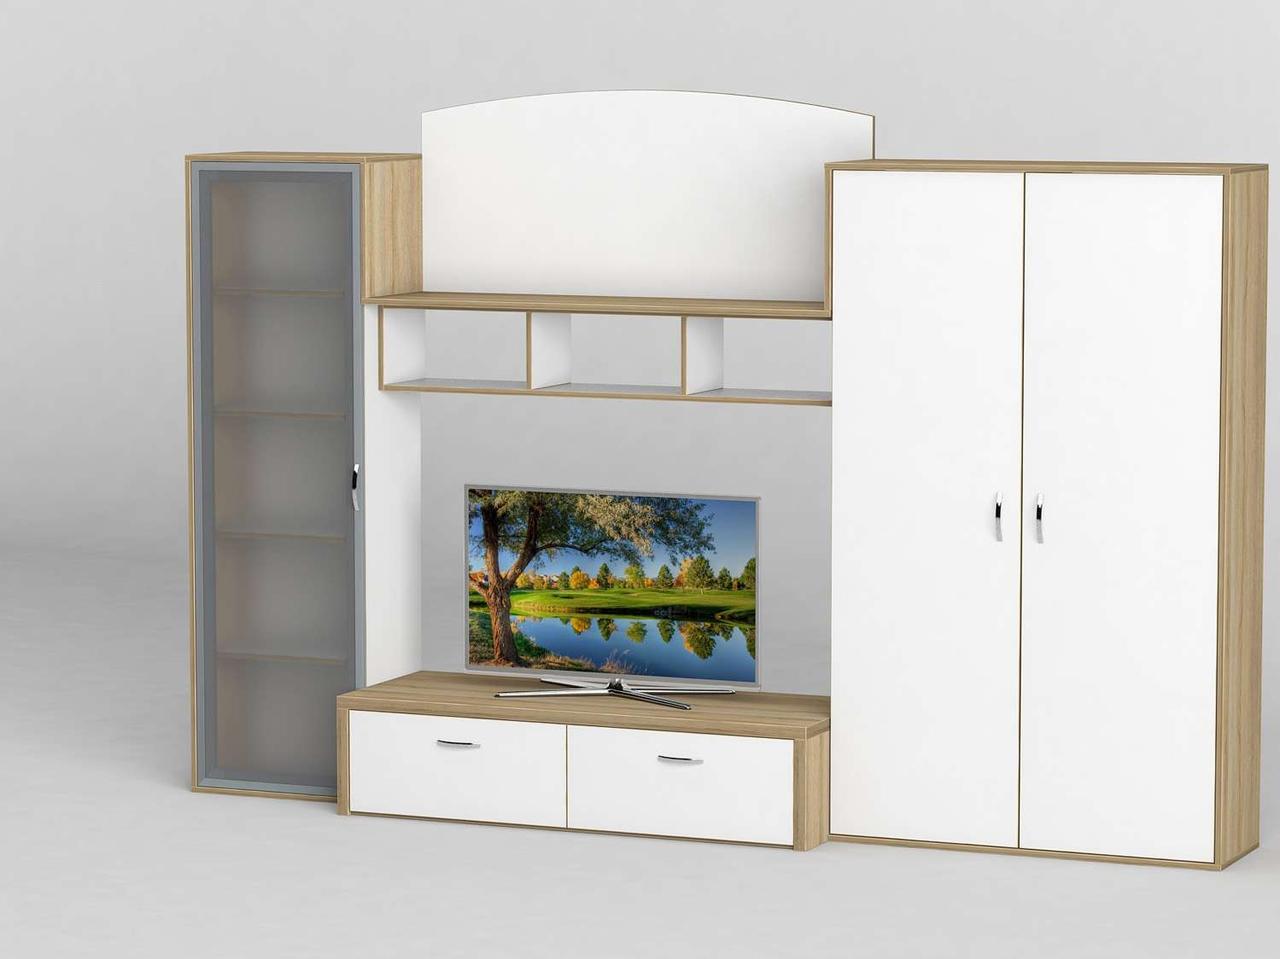 Стінка для вітальні з ДСП/МДФ (гостиная стенка) - 120 Тіса меблі